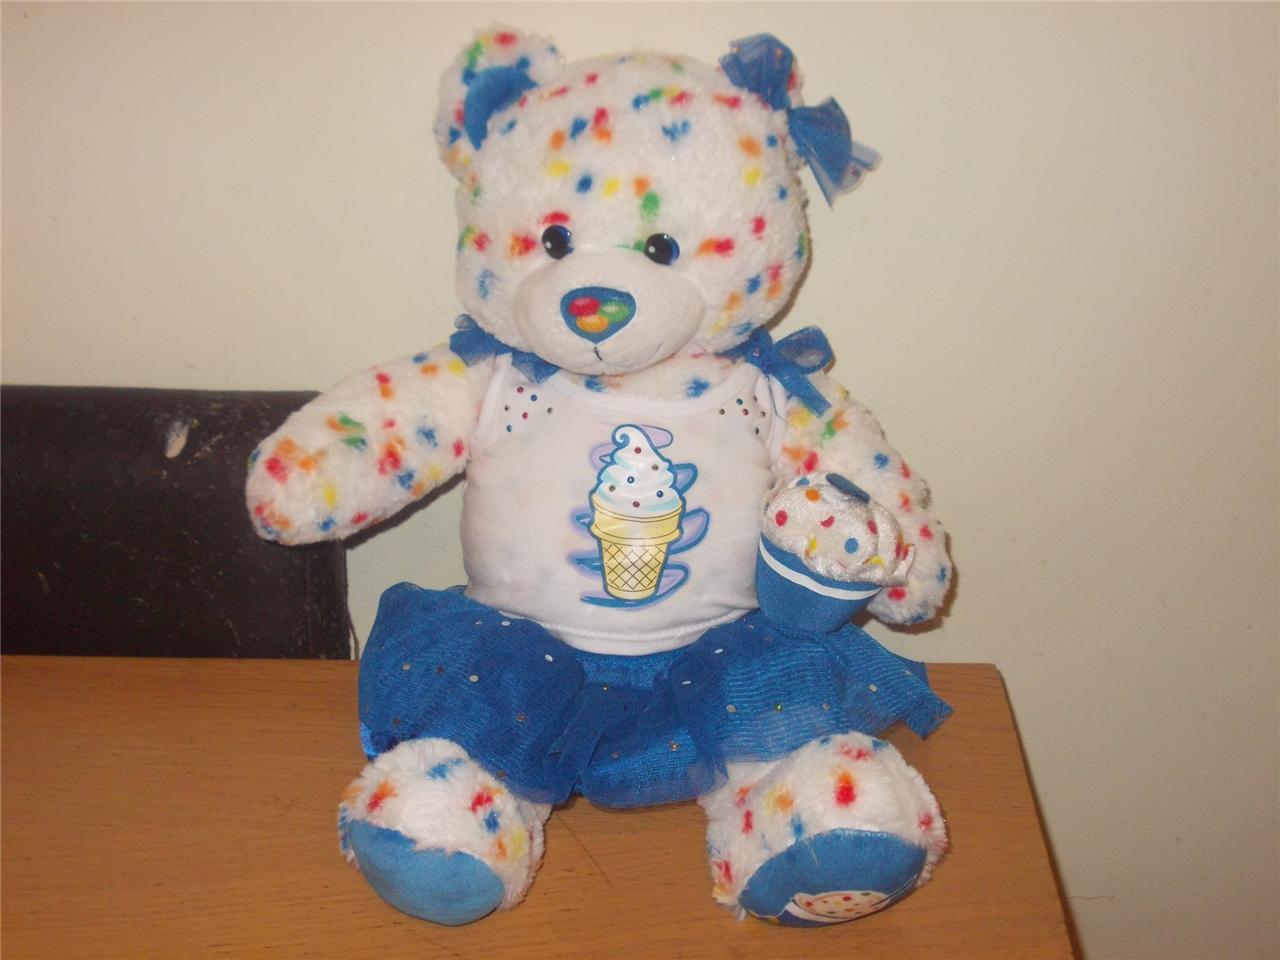 Ice Cream Build A Bears For Sale